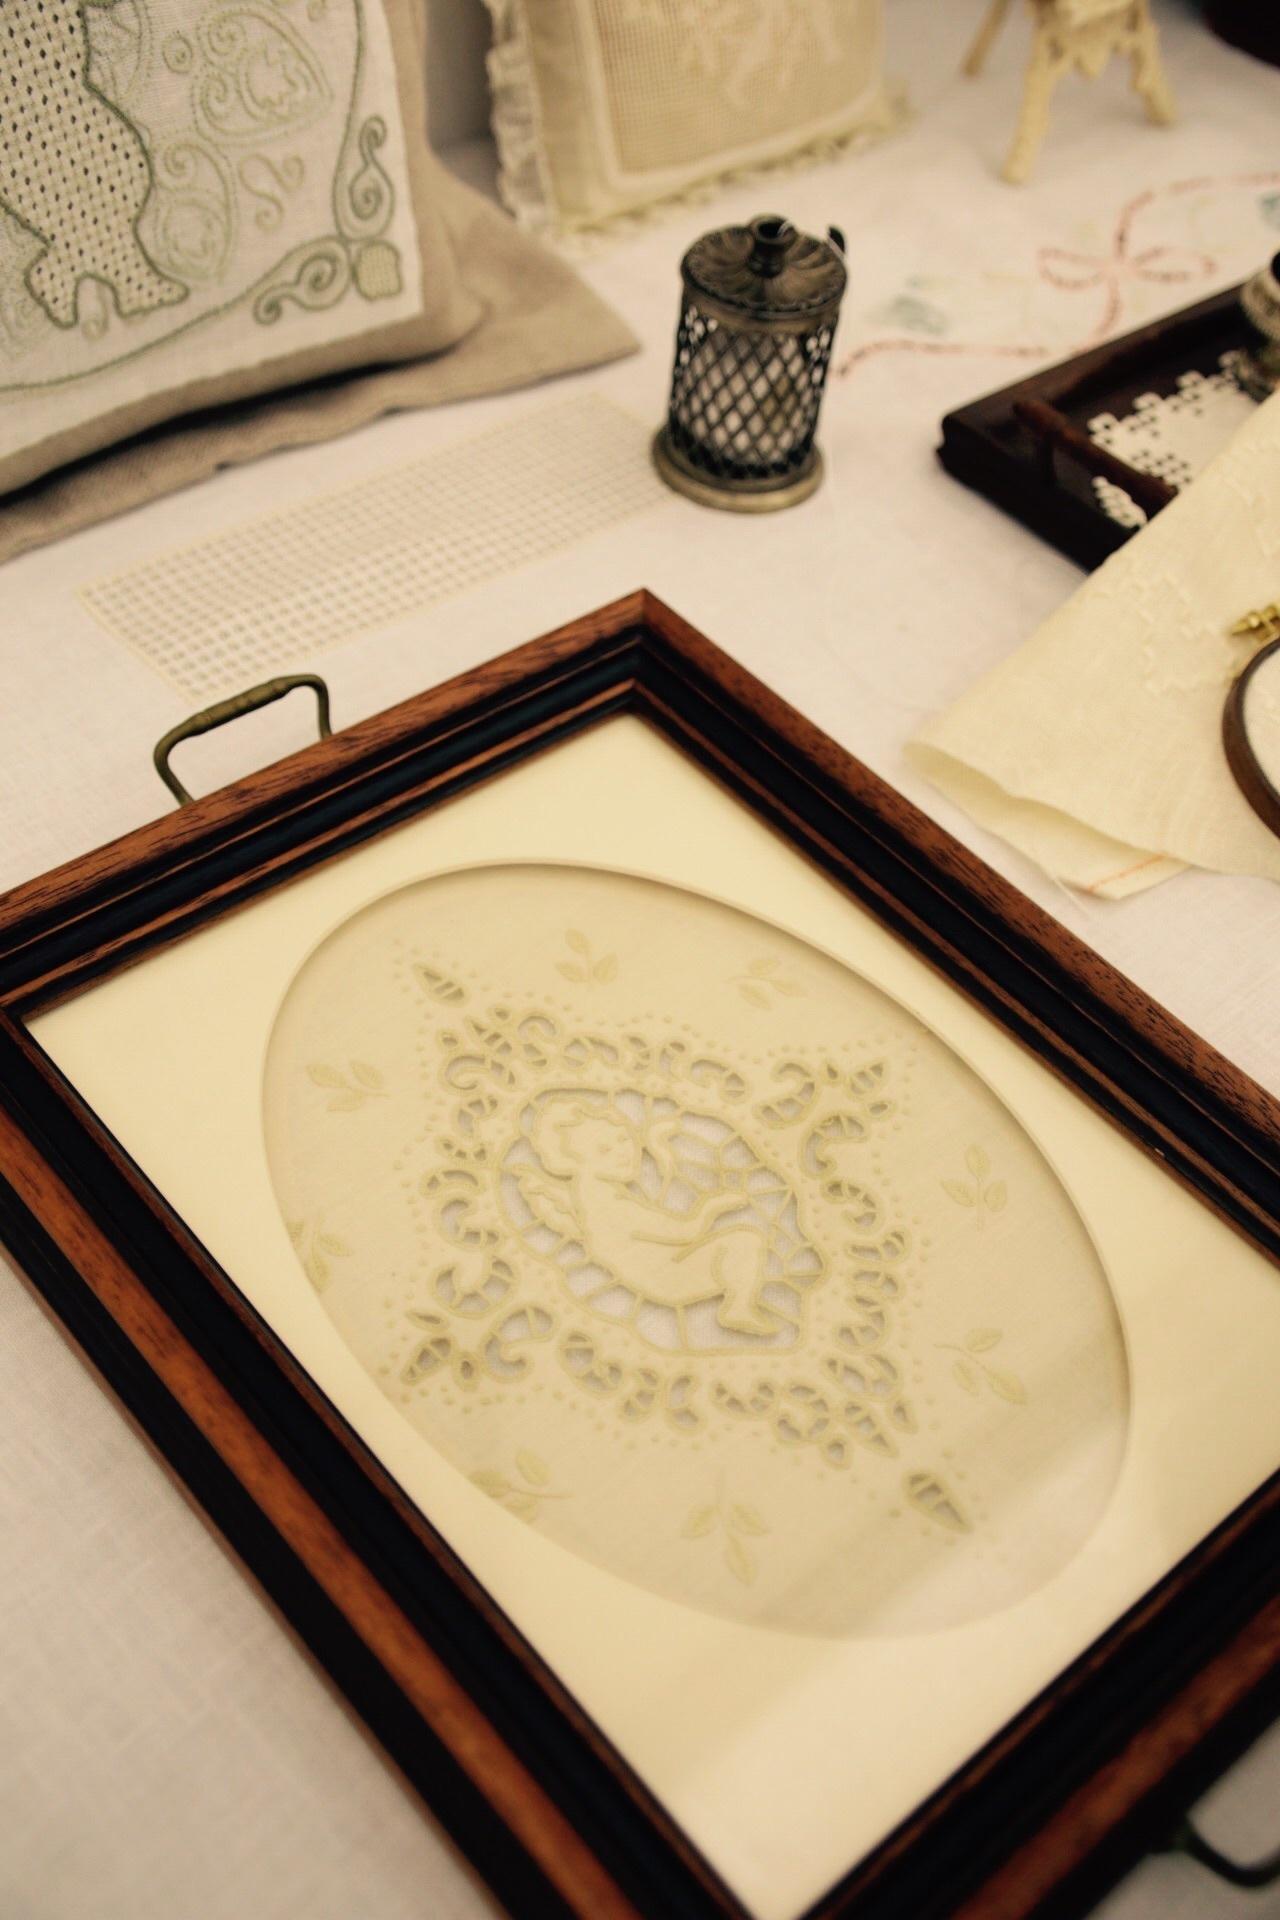 今西ゆき ヨーロピアン伝統刺繍教室展⑥_a0157409_20531858.jpg